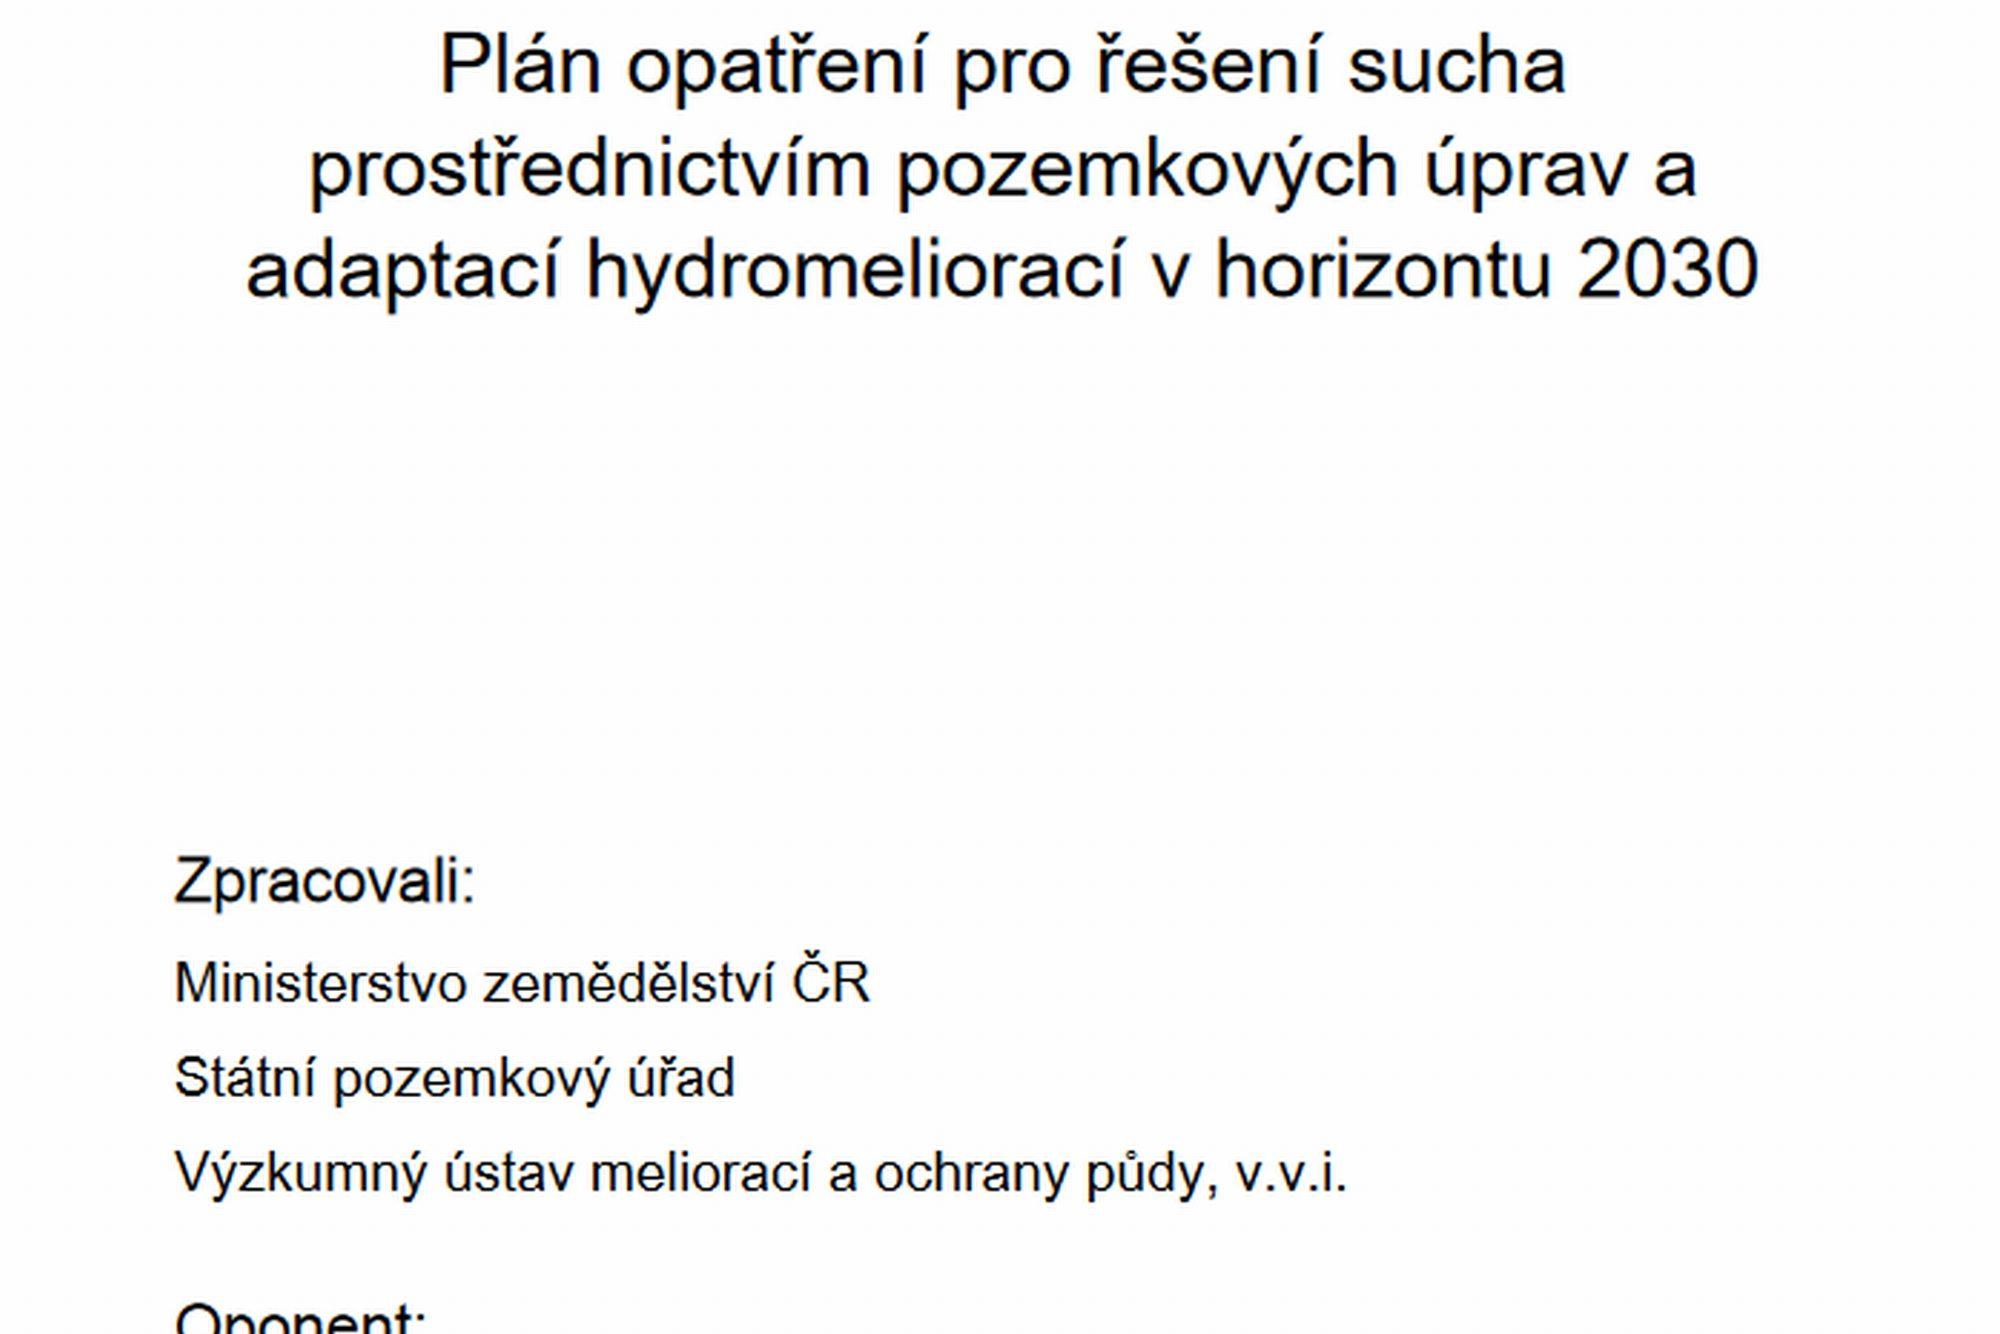 MZe zpracovalo Plán opatření pro řešení sucha v horizontu 2030 vycházející i z metodiky na které jsme spolupracovali s VÚMOPem